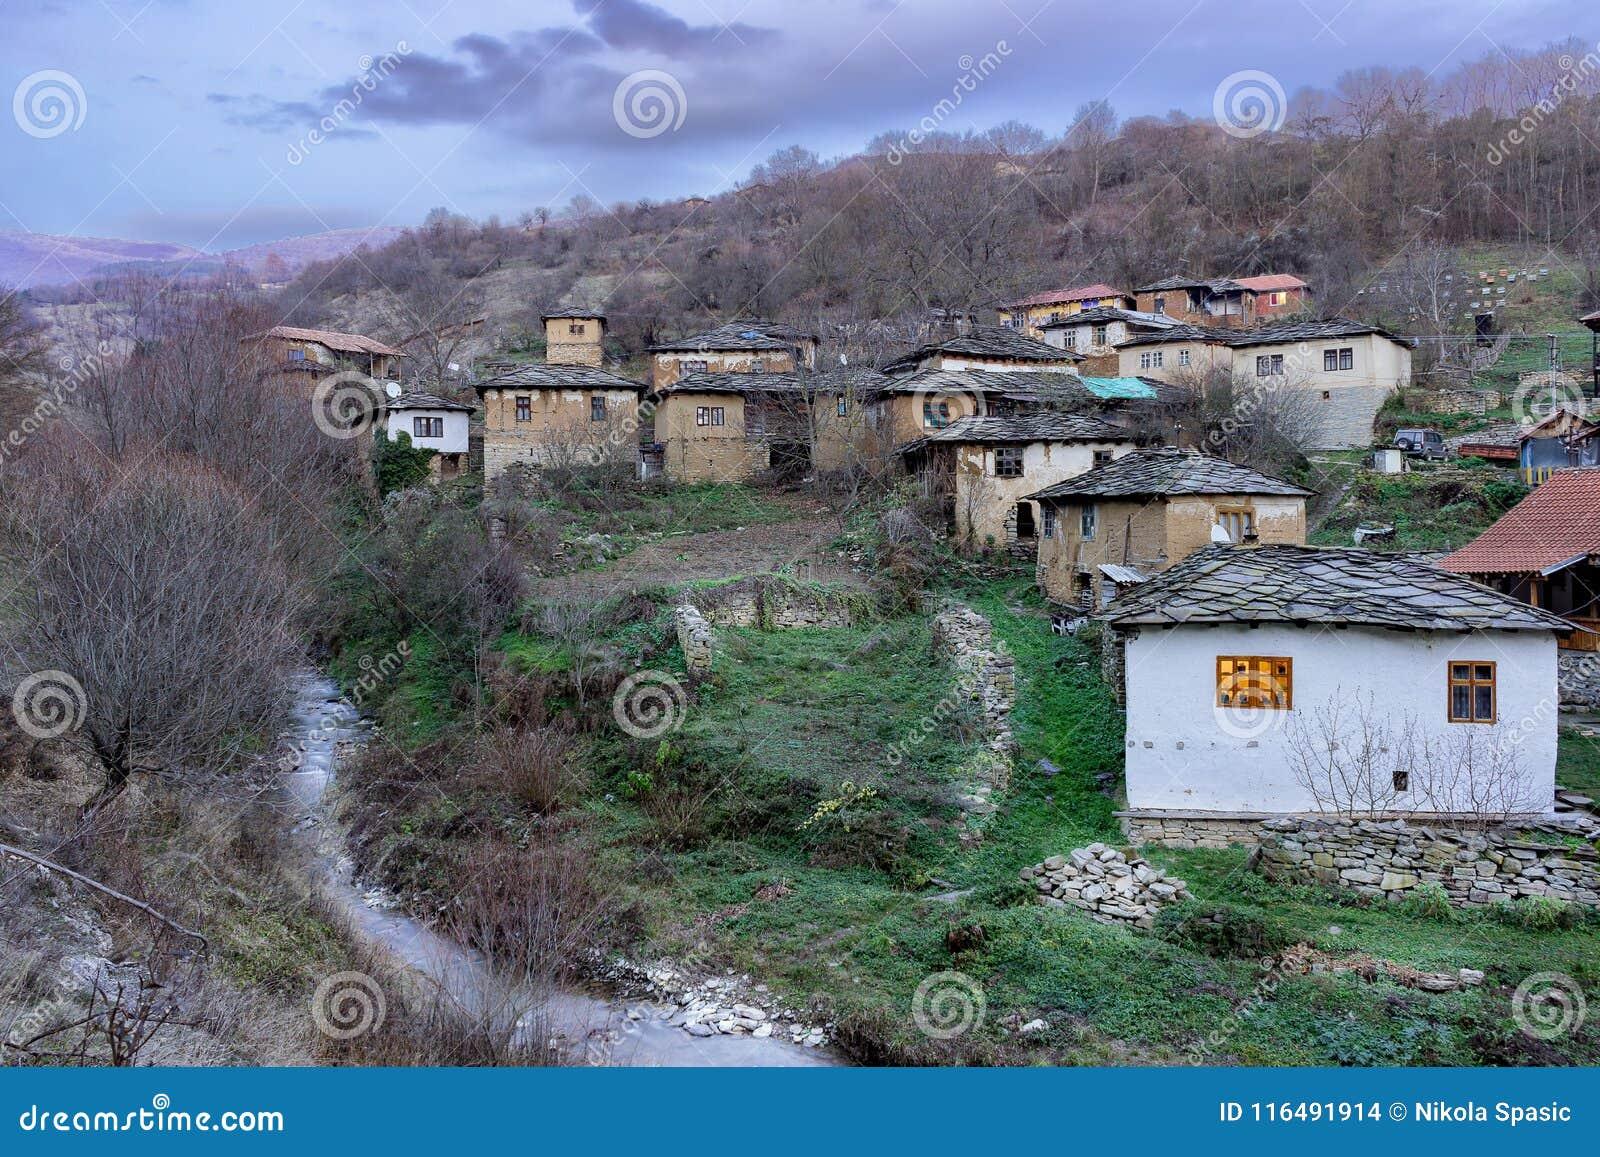 Berühmte Steindächer des historischen Dorfs Gostusa entsteinen alias Dorf